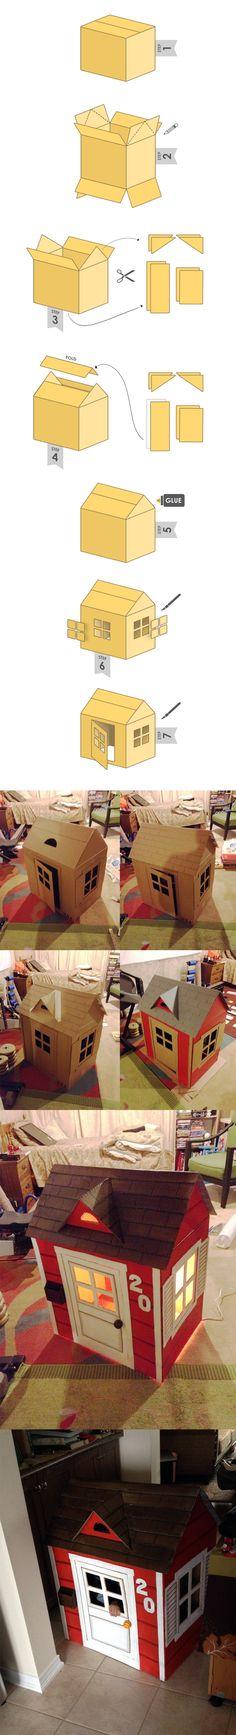 Una casetta da uno scatolone